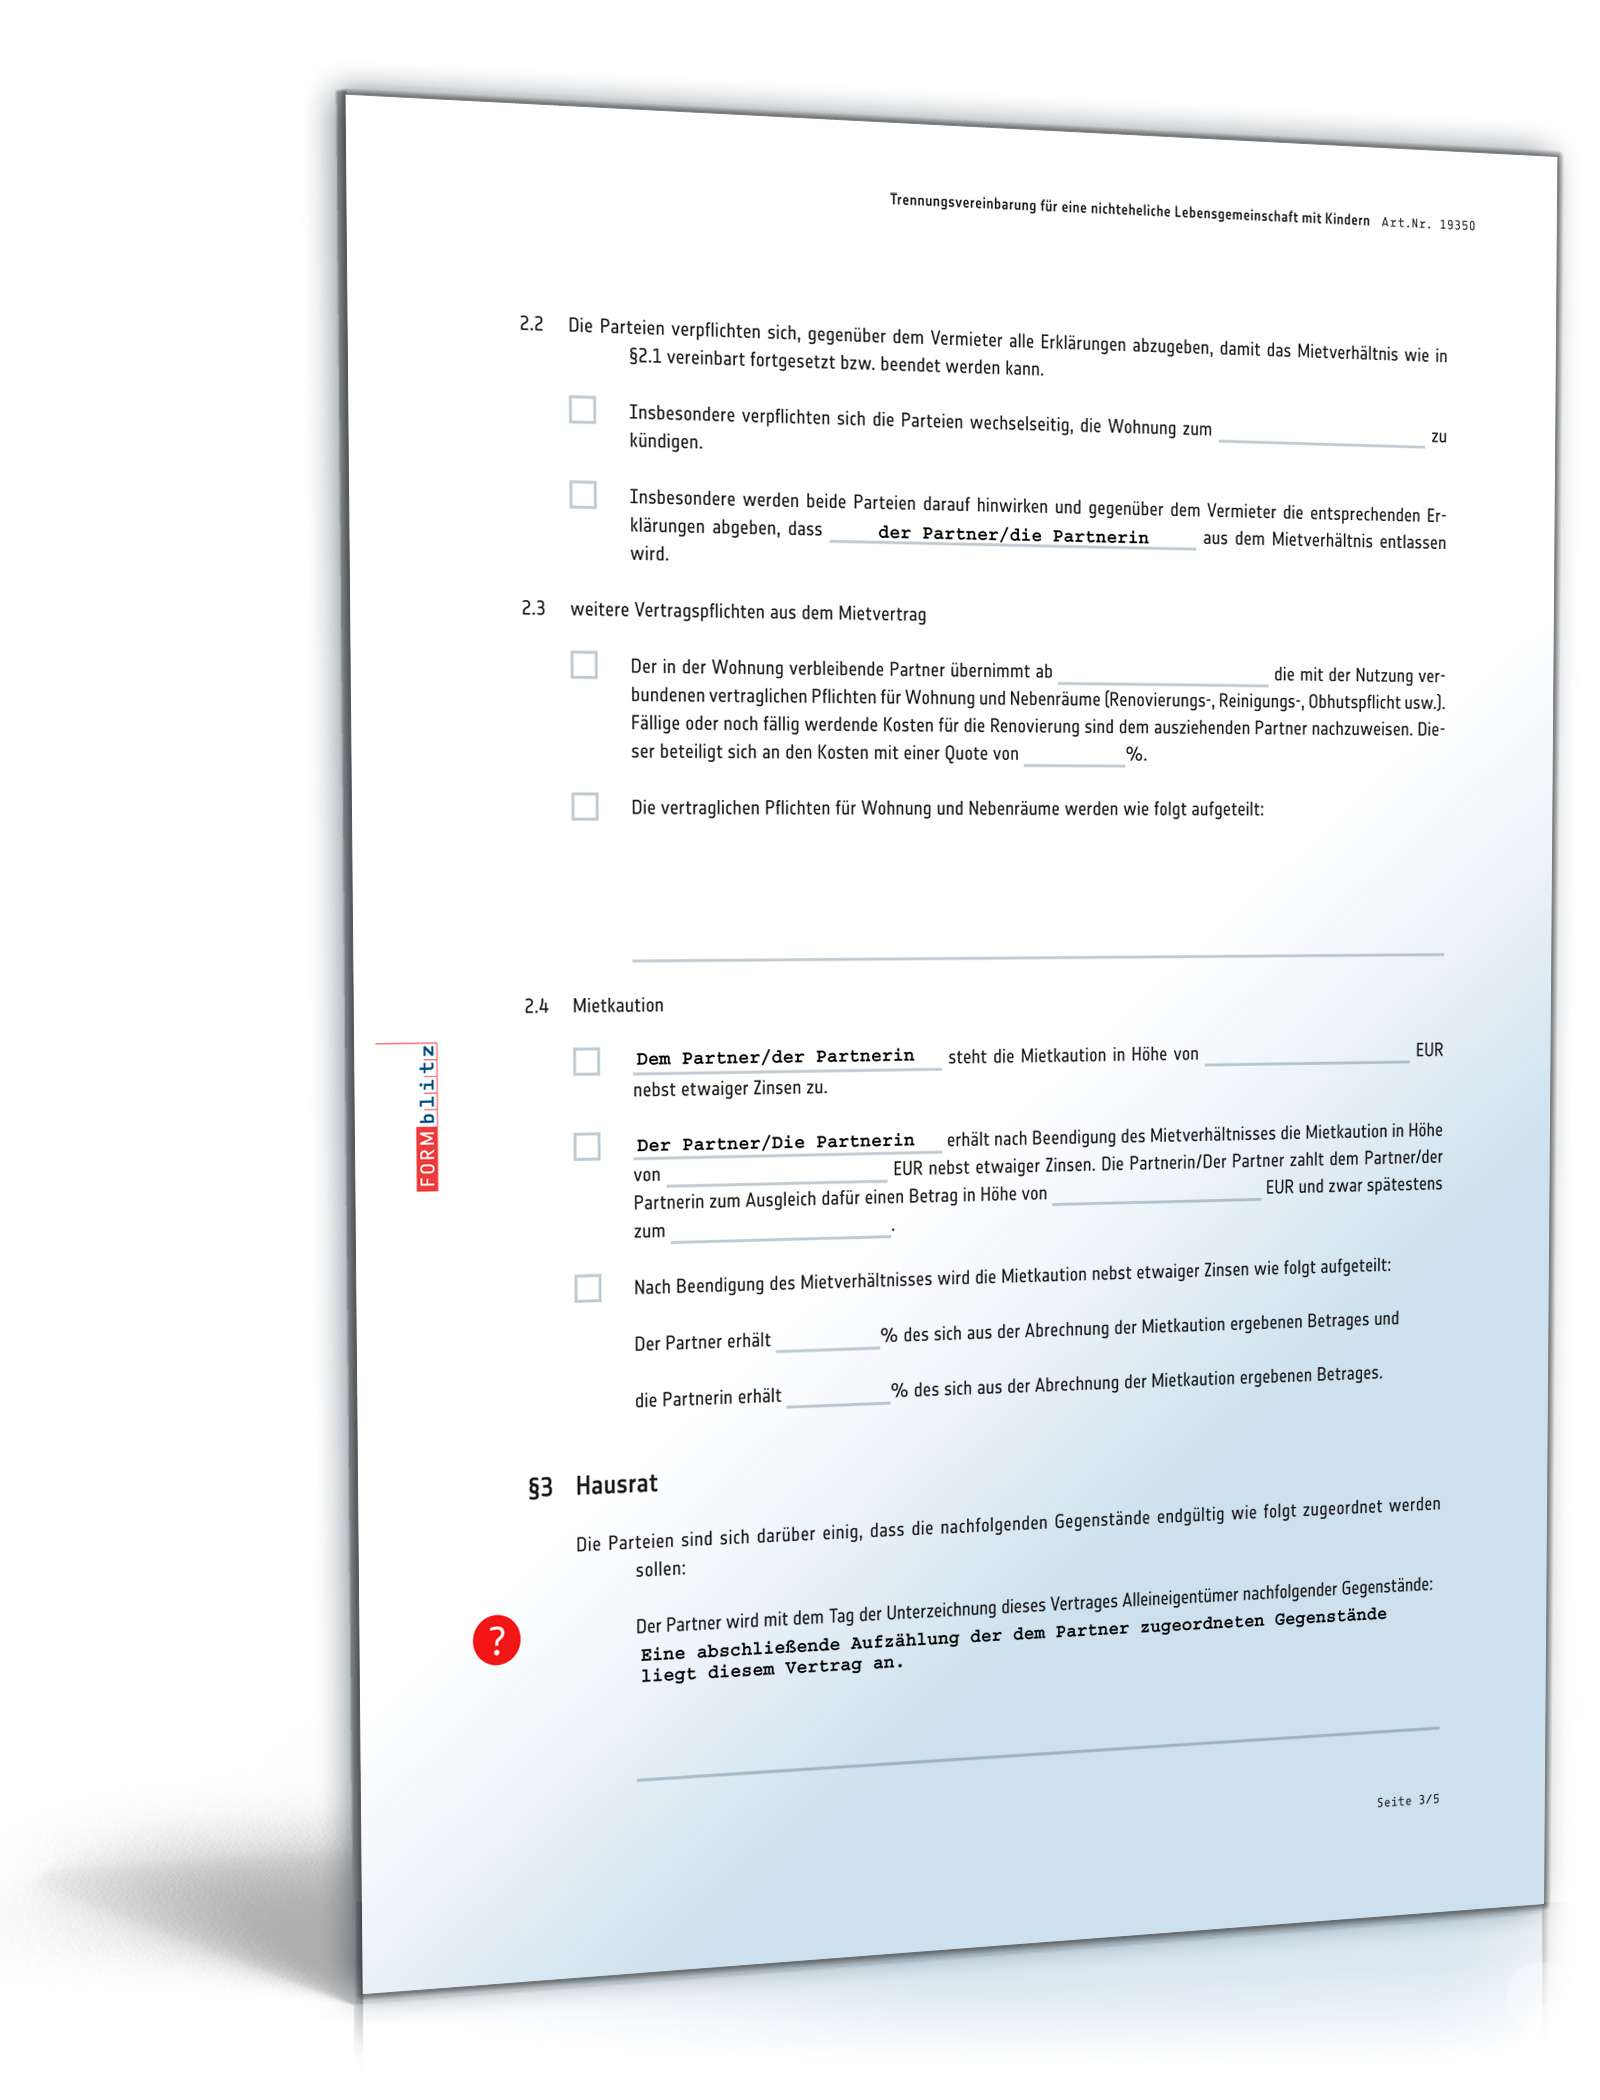 trennungsvereinbarung kinder vorlage - Trennungsvereinbarung Muster Kostenlos